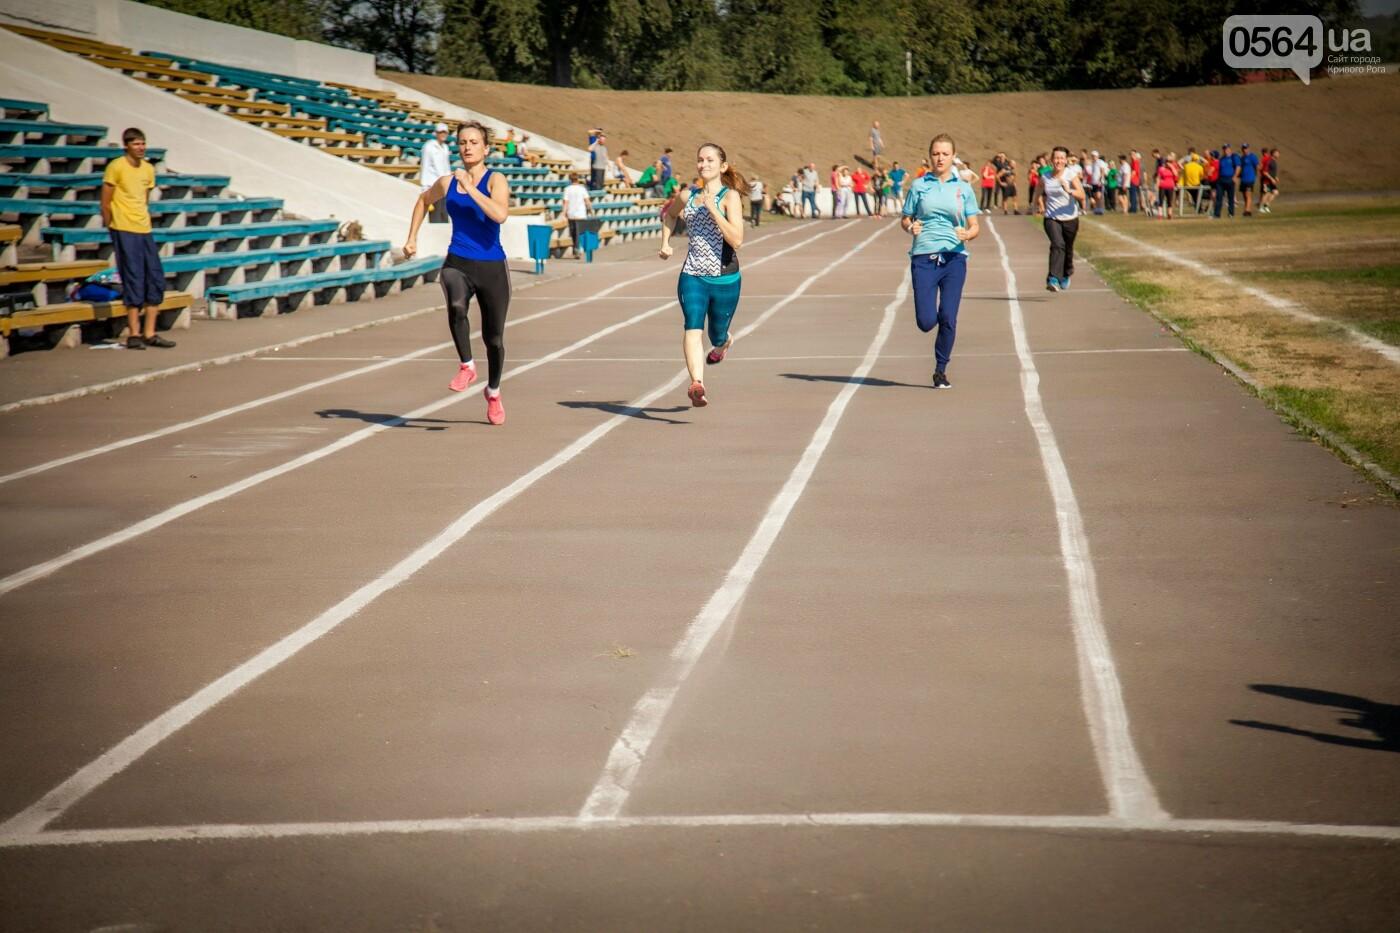 К старту готовы: 250 криворожских спортсменов примут участие в олимпиаде Метинвеста, фото-4